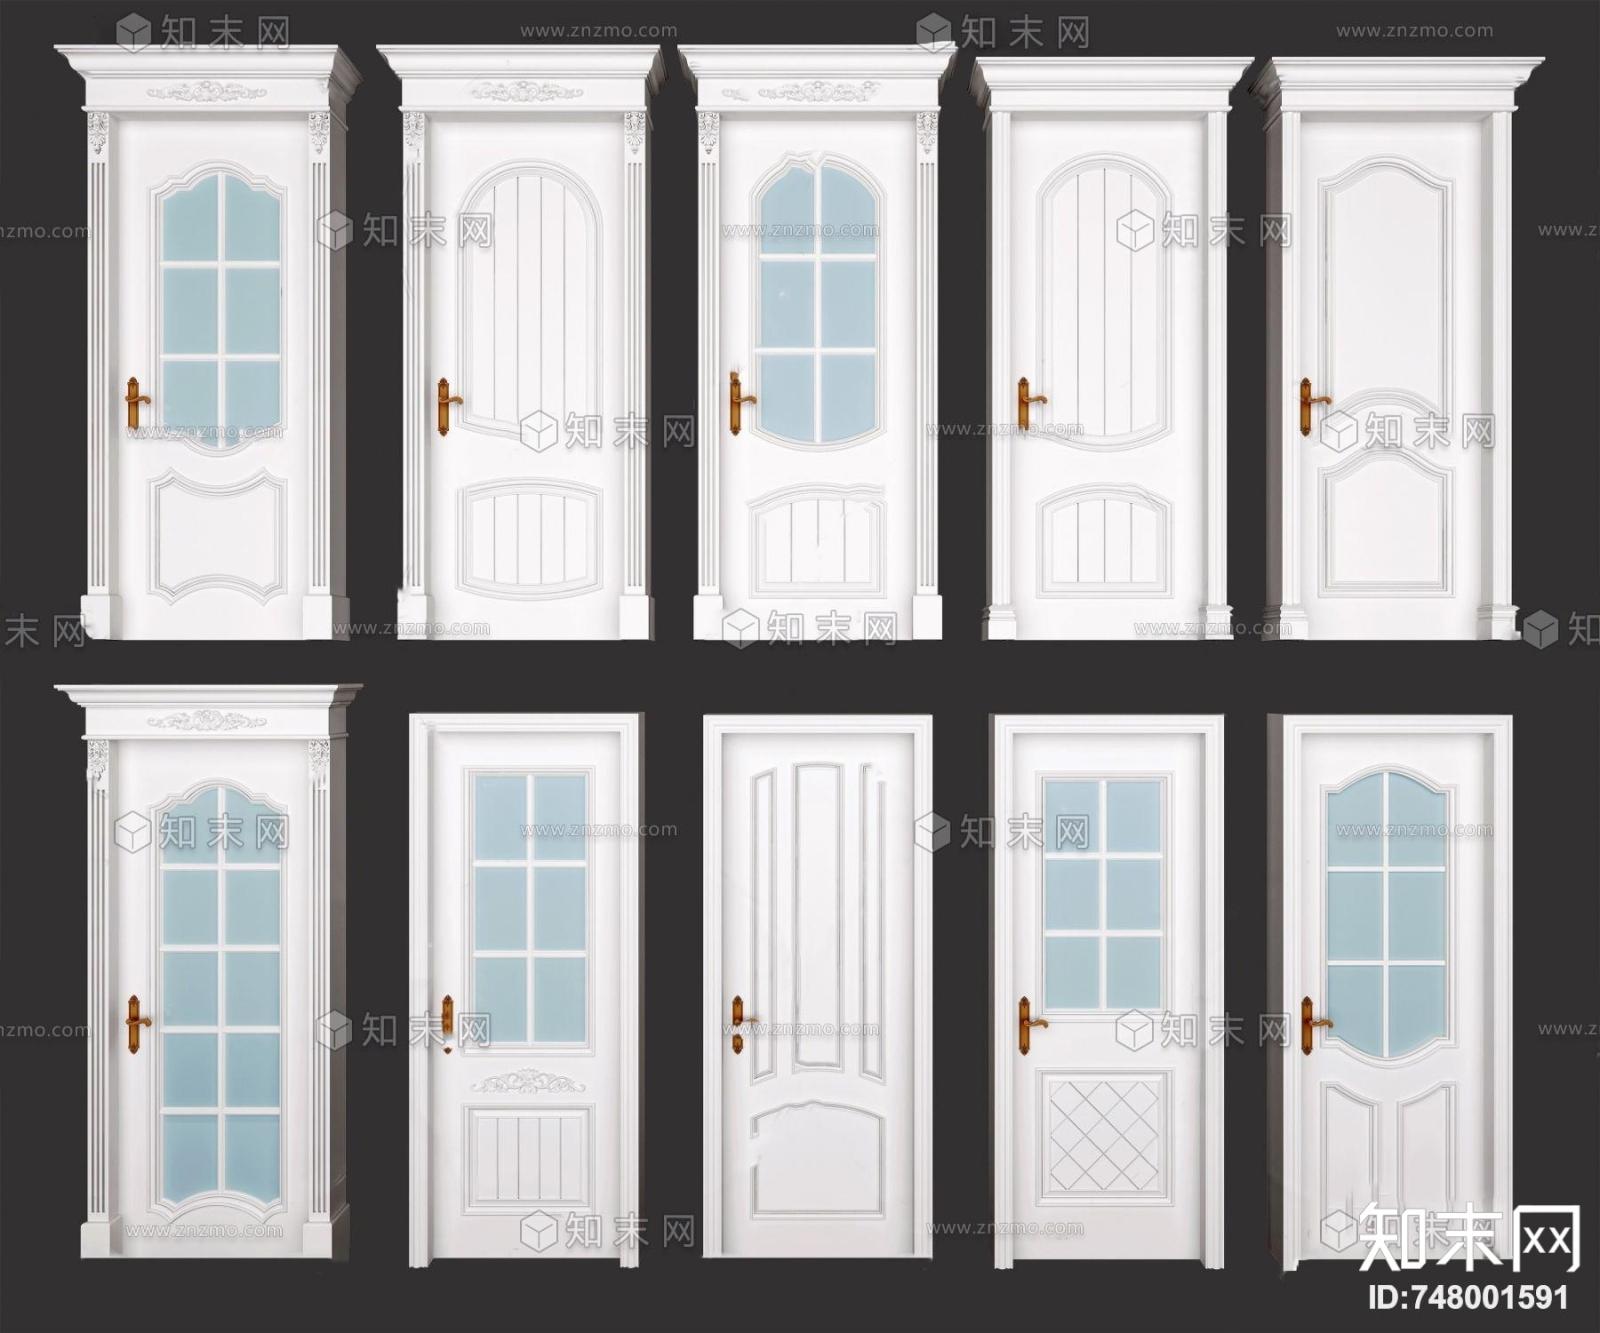 简欧房门玻璃门单开门3d模型3D模型下载【ID:748001591】